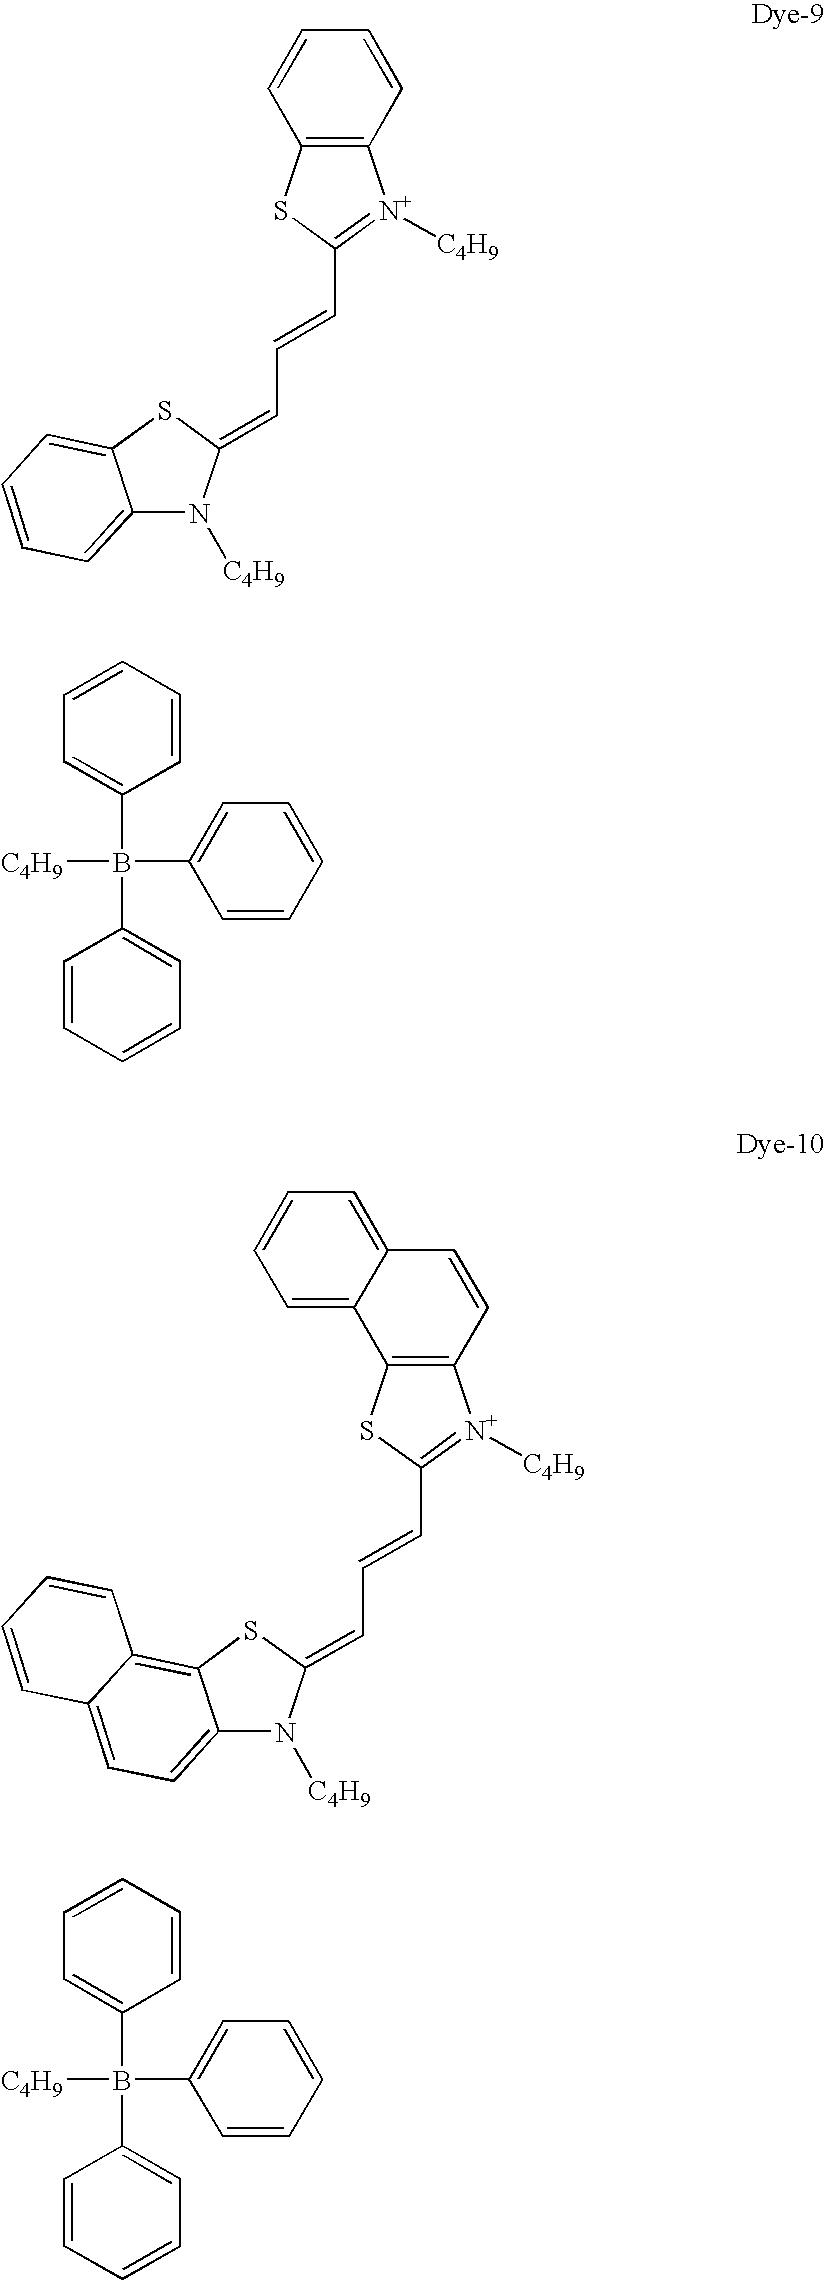 Figure US20050084790A1-20050421-C00005